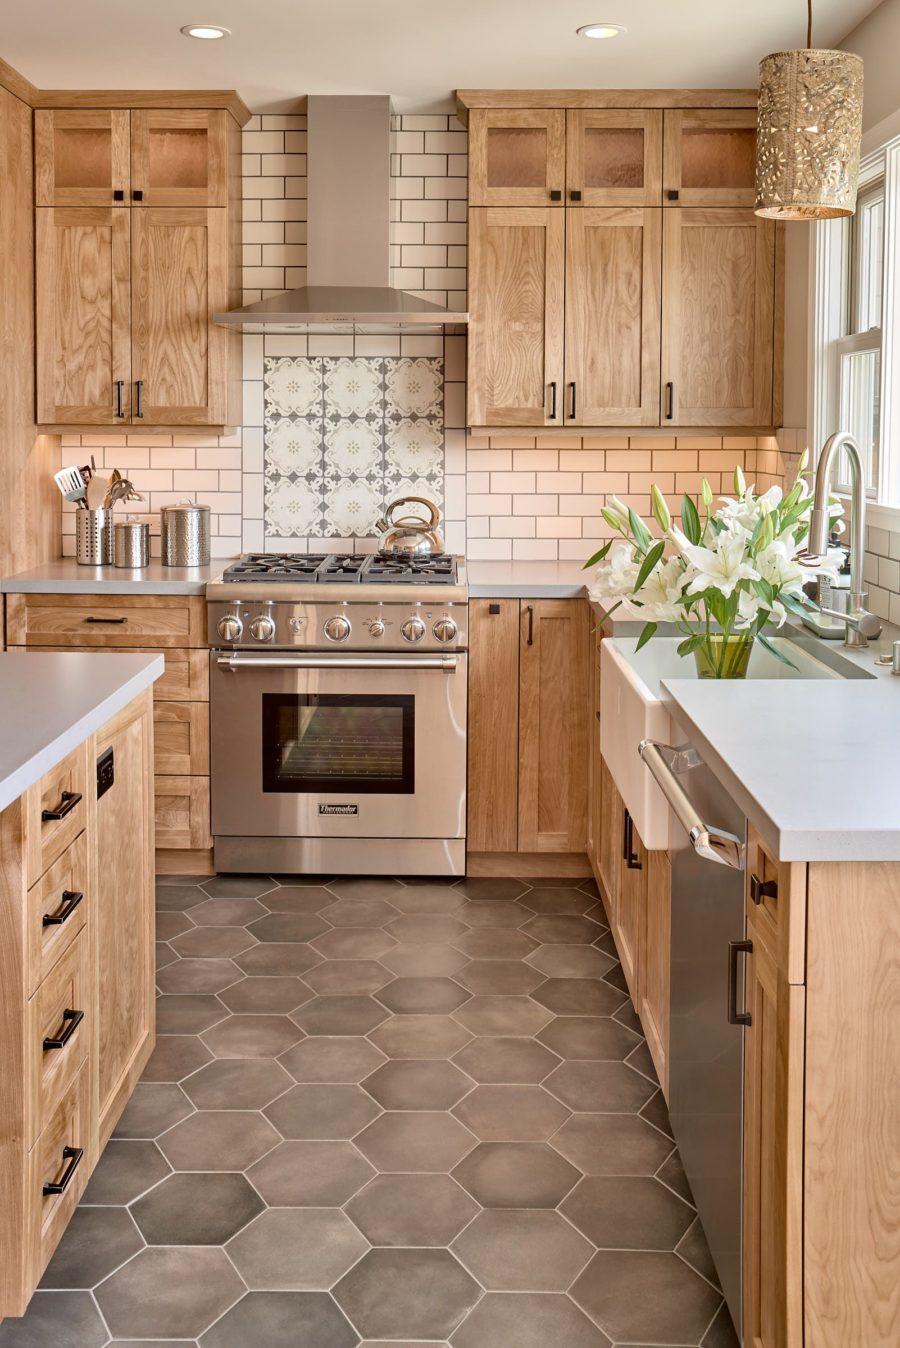 Hướng dẫn cách lắp đặt tủ bếp bền đẹp